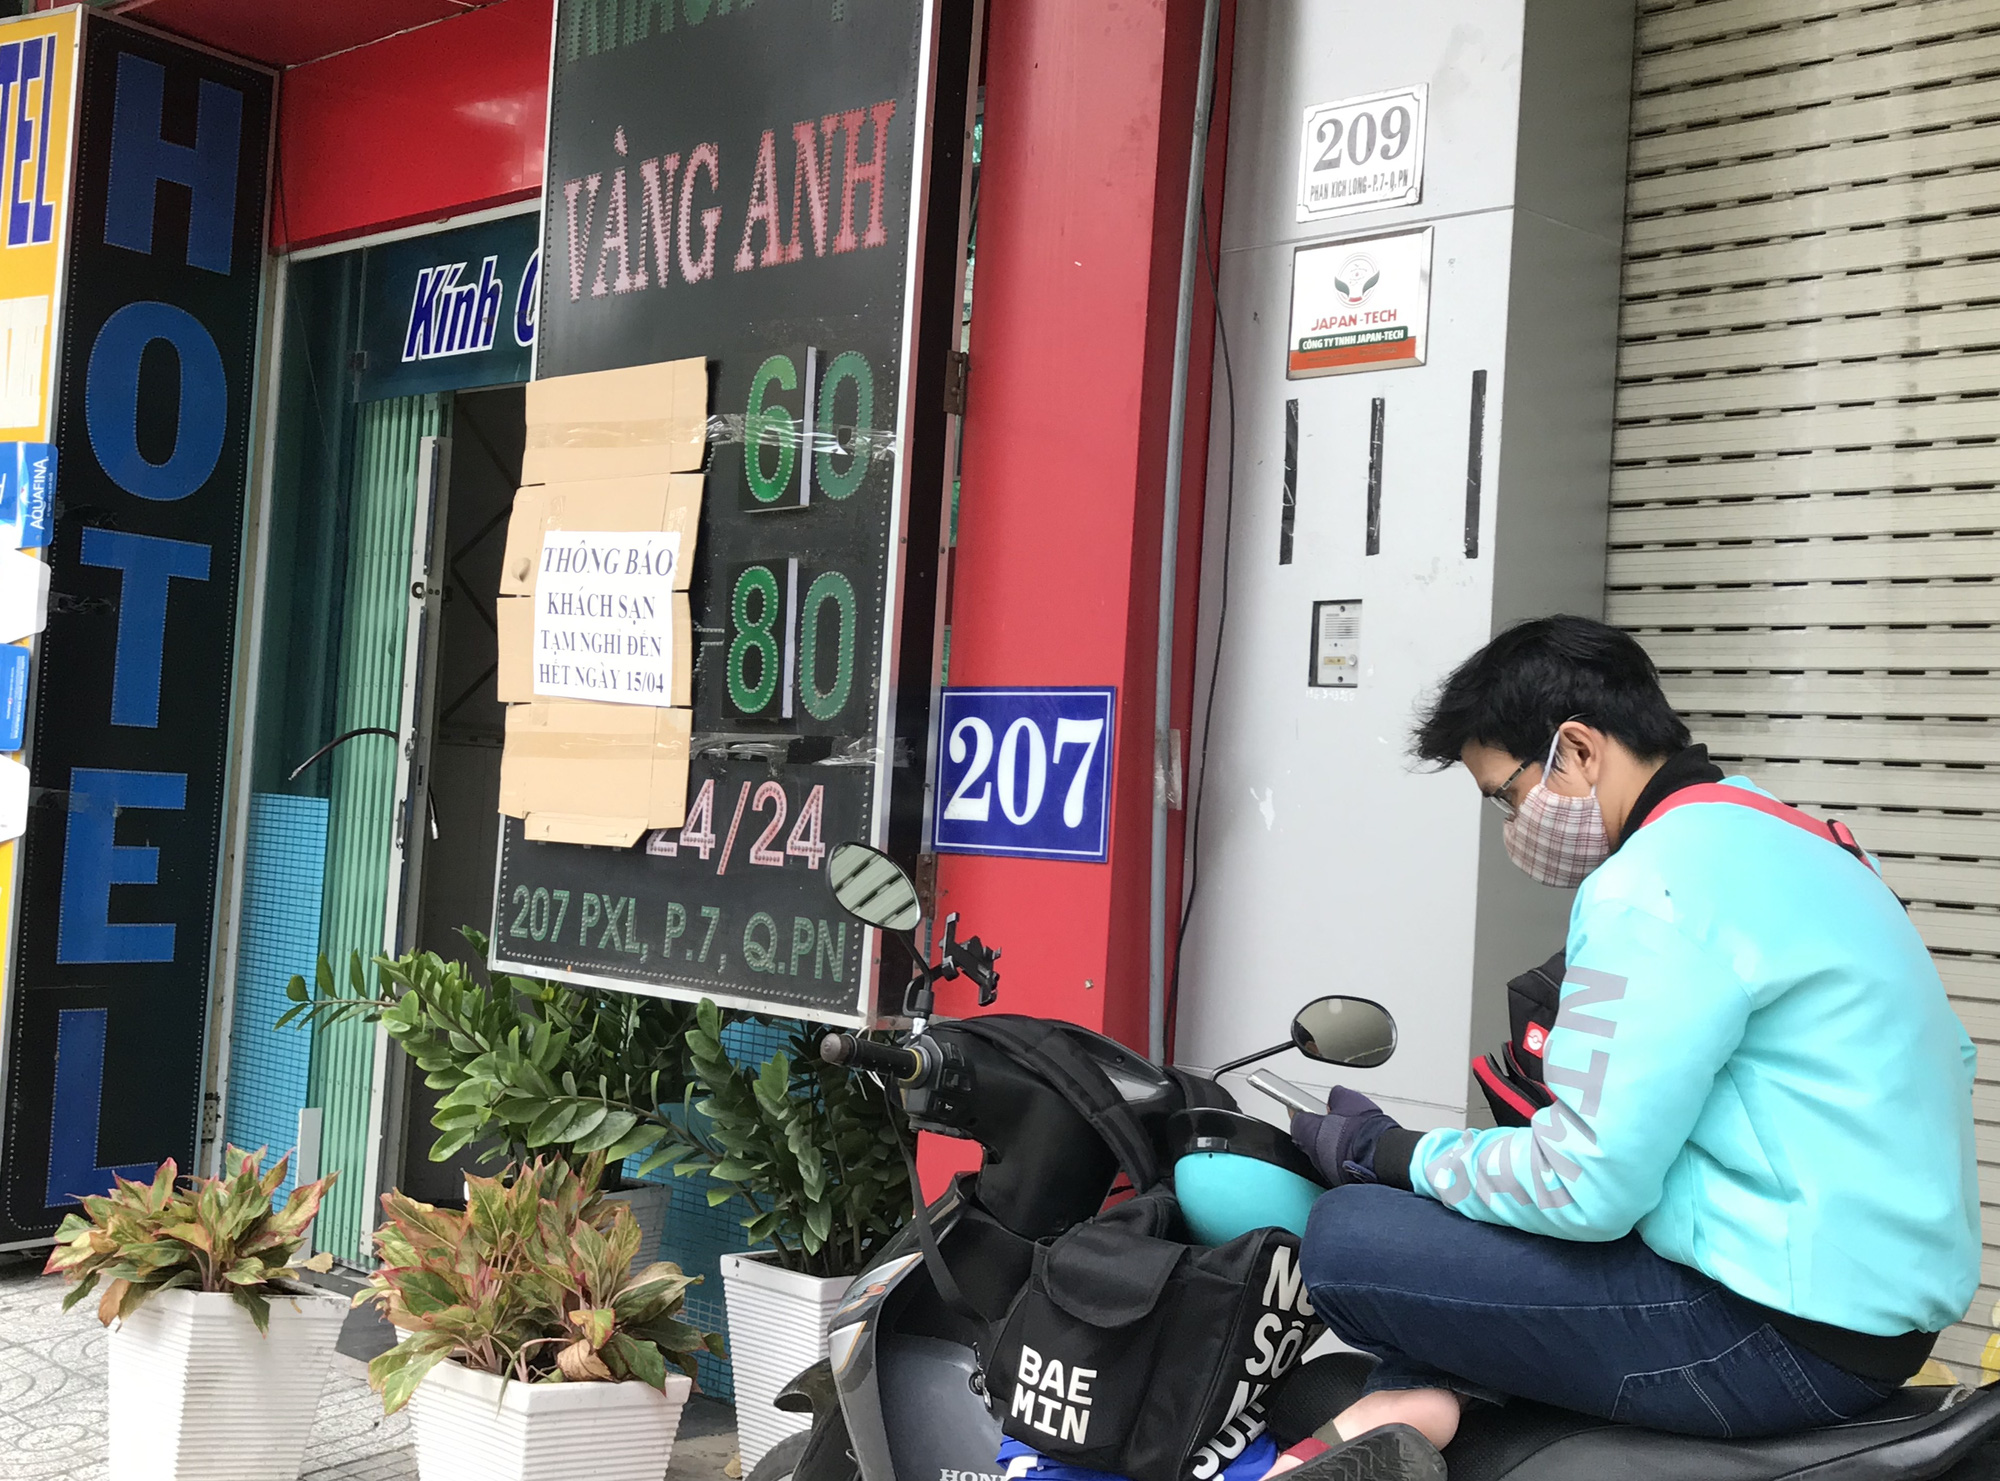 TP HCM kiến nghị Chính phủ mở lại một số dịch vụ thiết yếu, tăng mức phạt người không đeo khẩu trang - Ảnh 3.